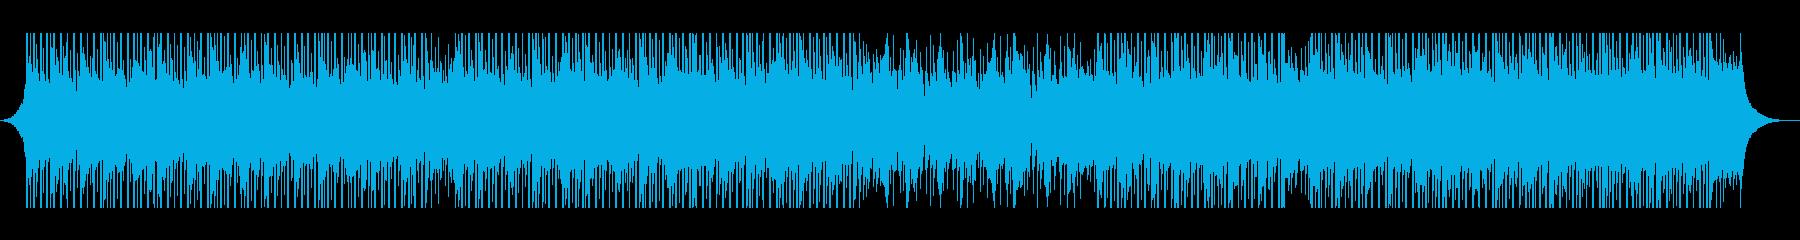 プレゼンテーションの再生済みの波形